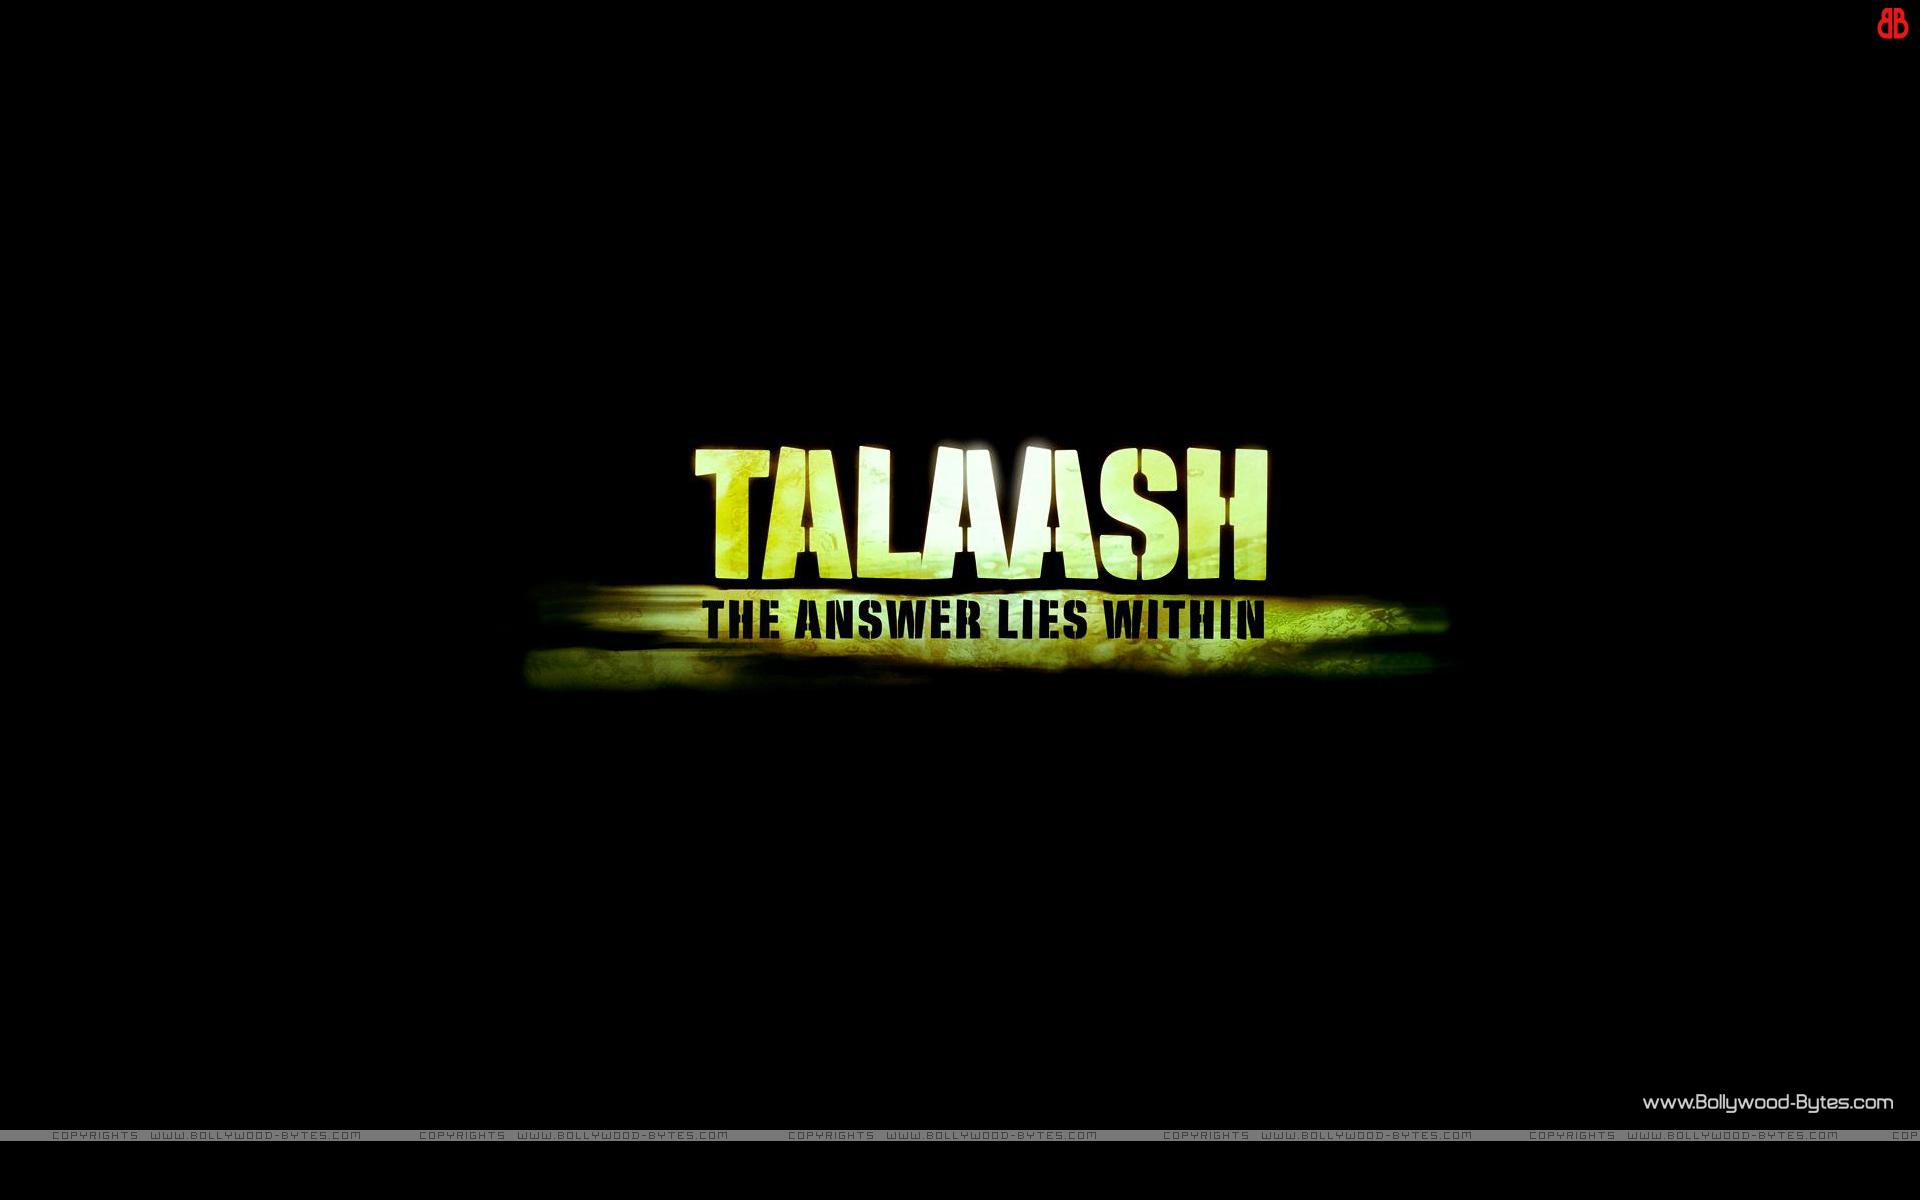 http://1.bp.blogspot.com/-t-JxRC4_Z6s/UJ0IcnSUYXI/AAAAAAAATeY/eCeQFqJkQ_w/s1920/Talaash-+HD-Wallpaper-01.jpg